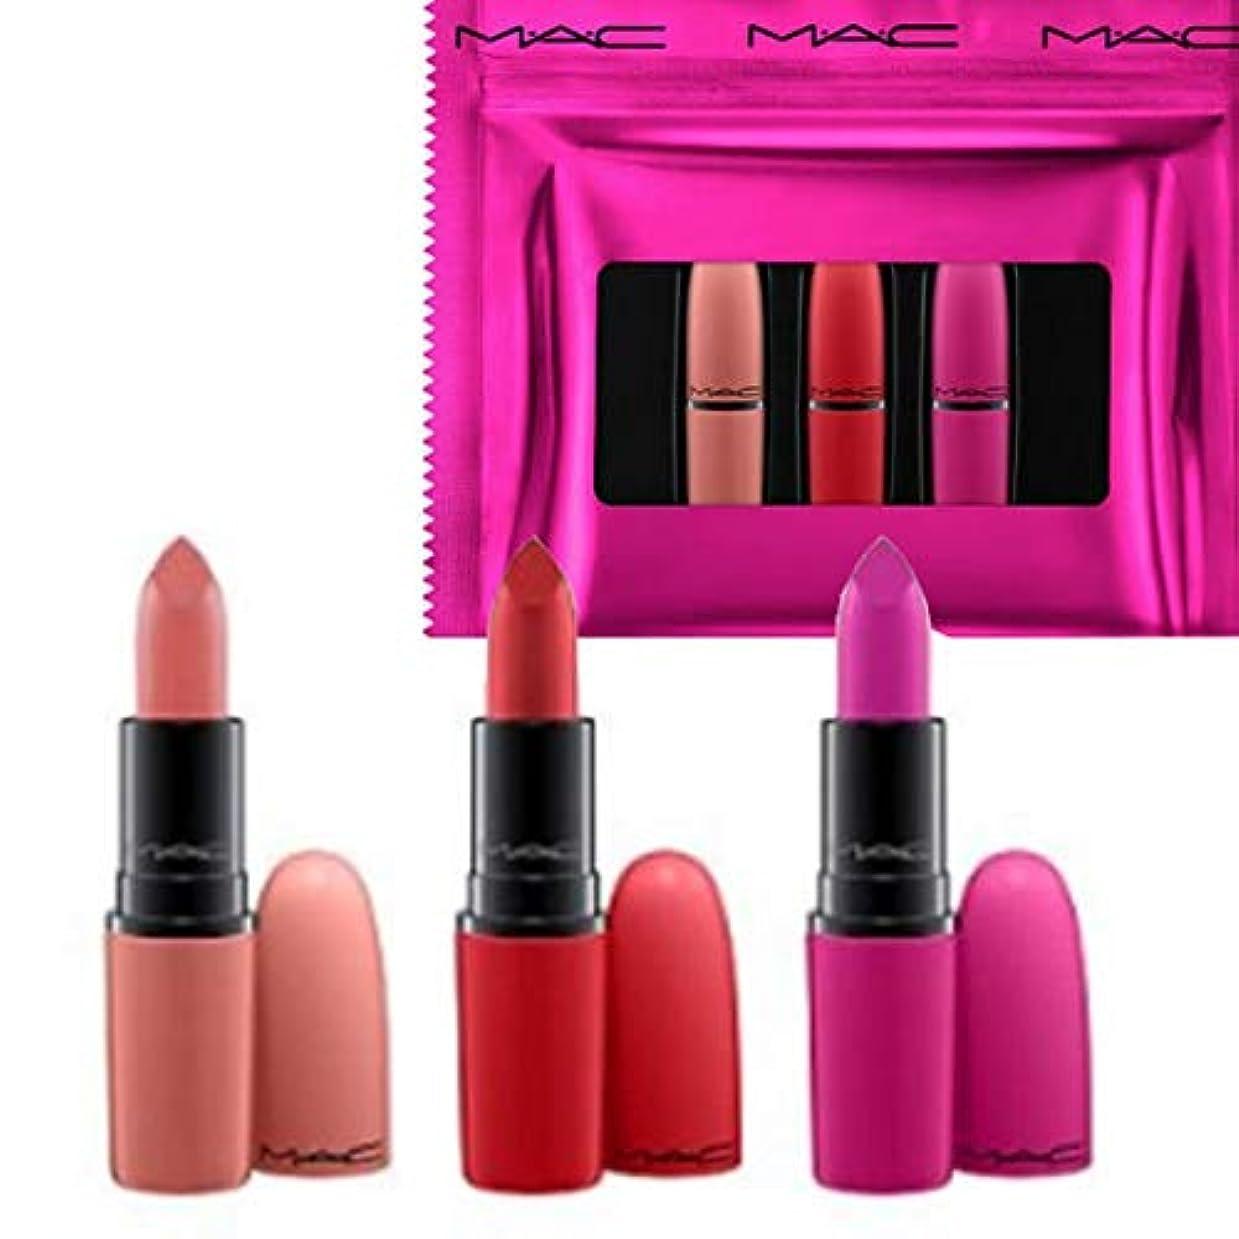 細部始める漏れM.A.C ?マック, Limited Edition 限定版, 3-Pc. Shiny Pretty Things Lip Set - Russian Red/Kinda Sexy/Flat Out Fabulous...